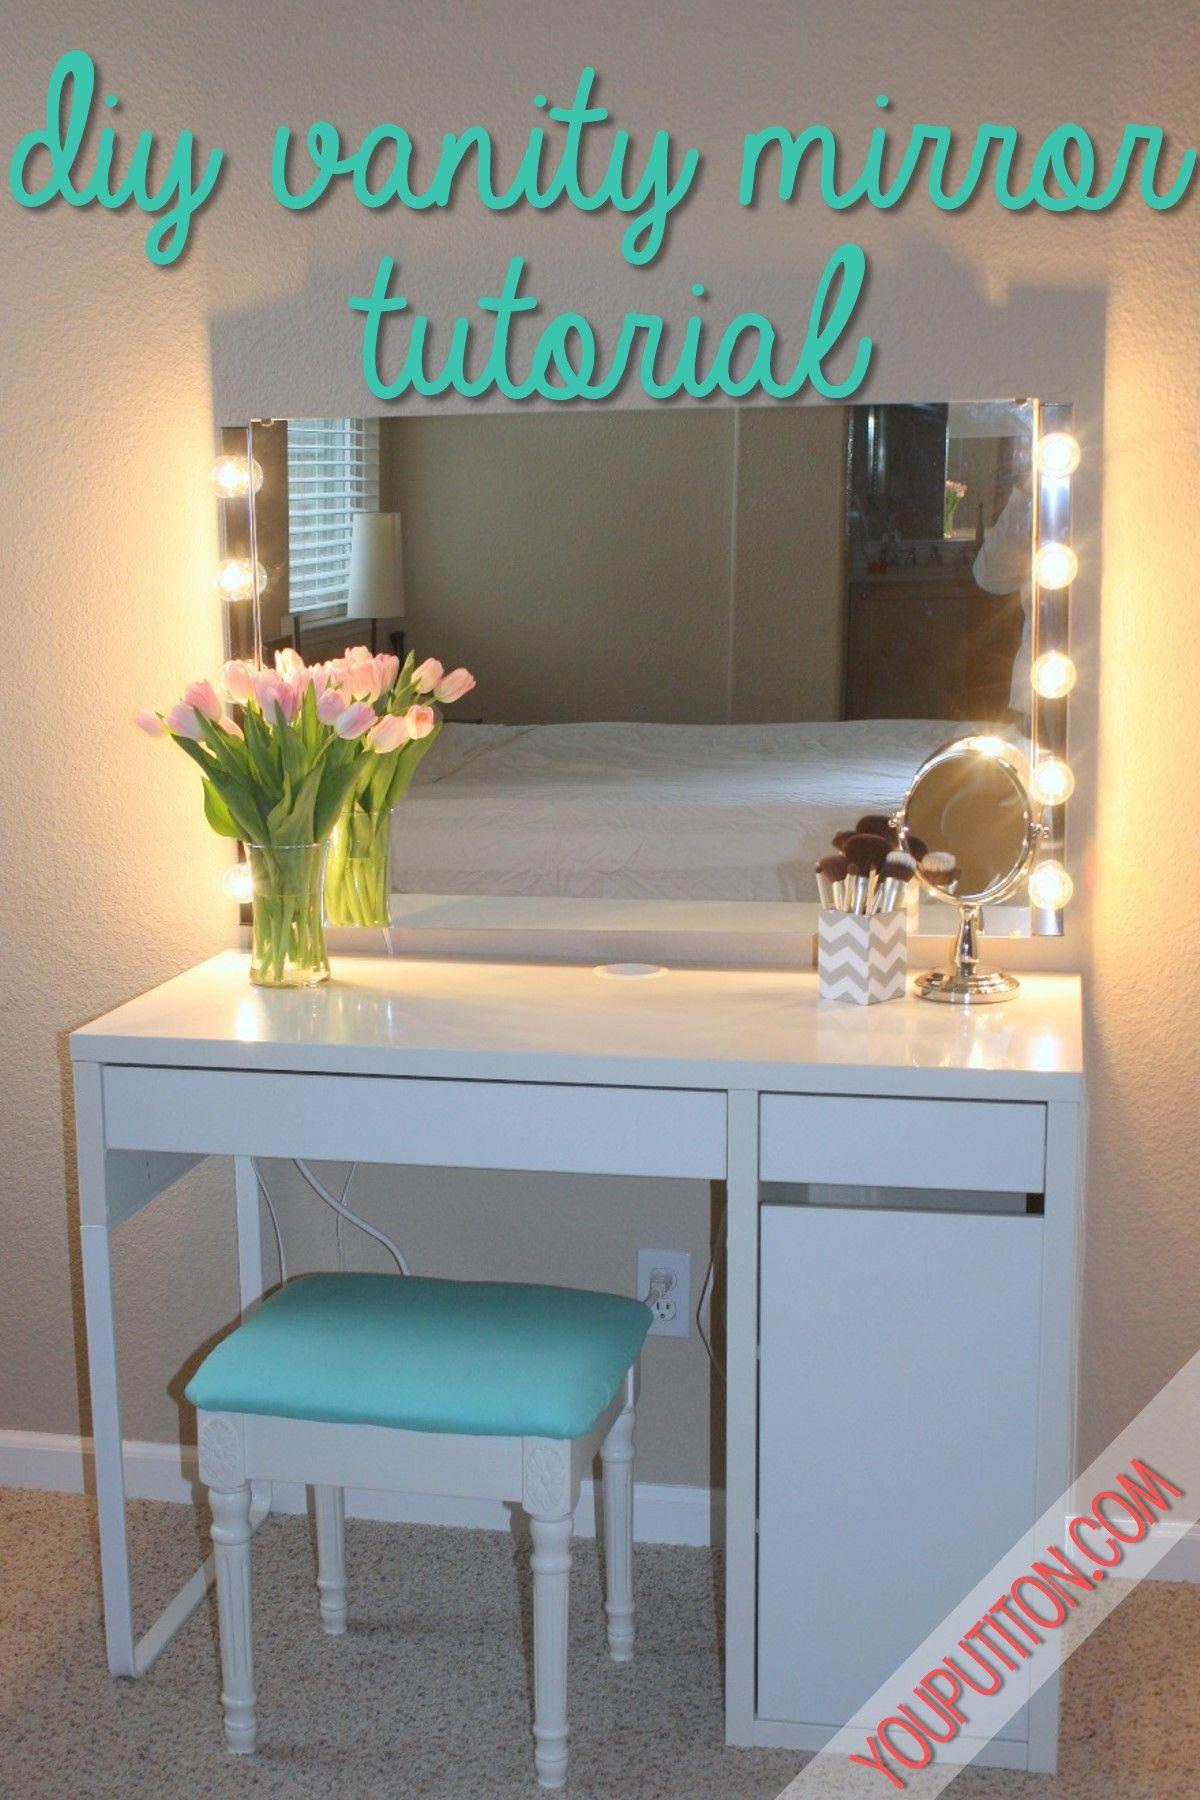 Diy Vanity Mirror Tutorial Diy Vanity Mirror Home Diy Home Decor